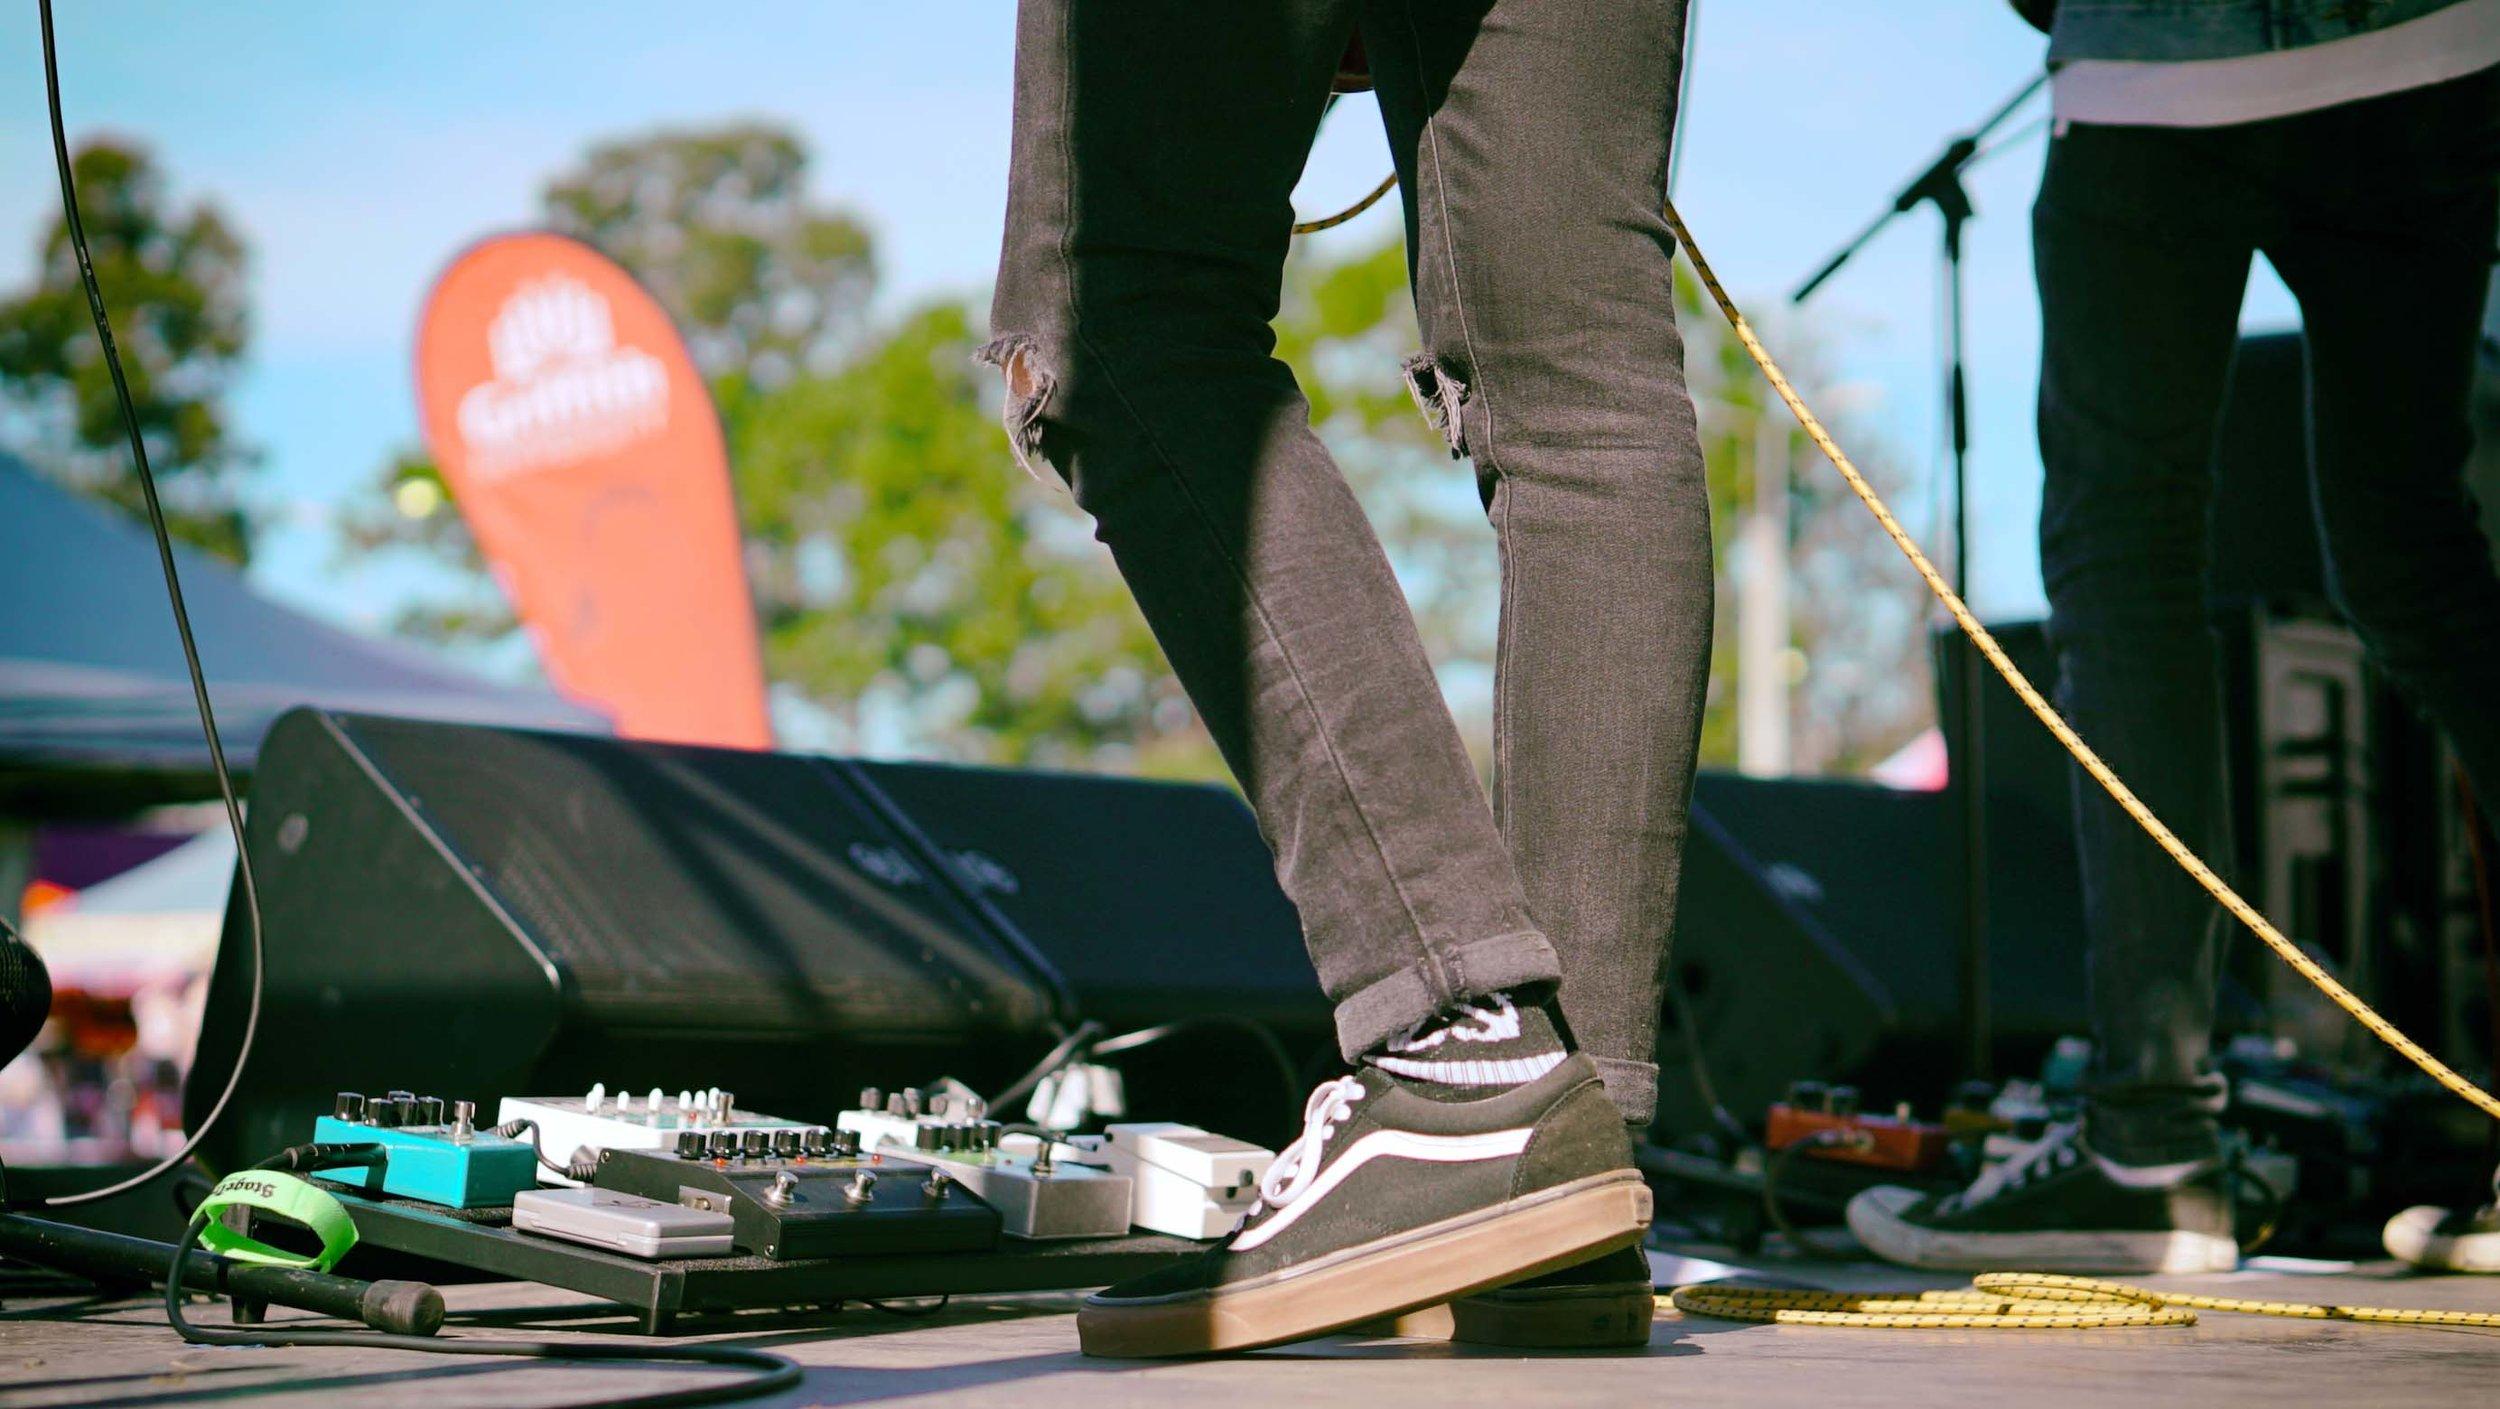 Alex-feet-Josh-King-Mudgeeraba-Show